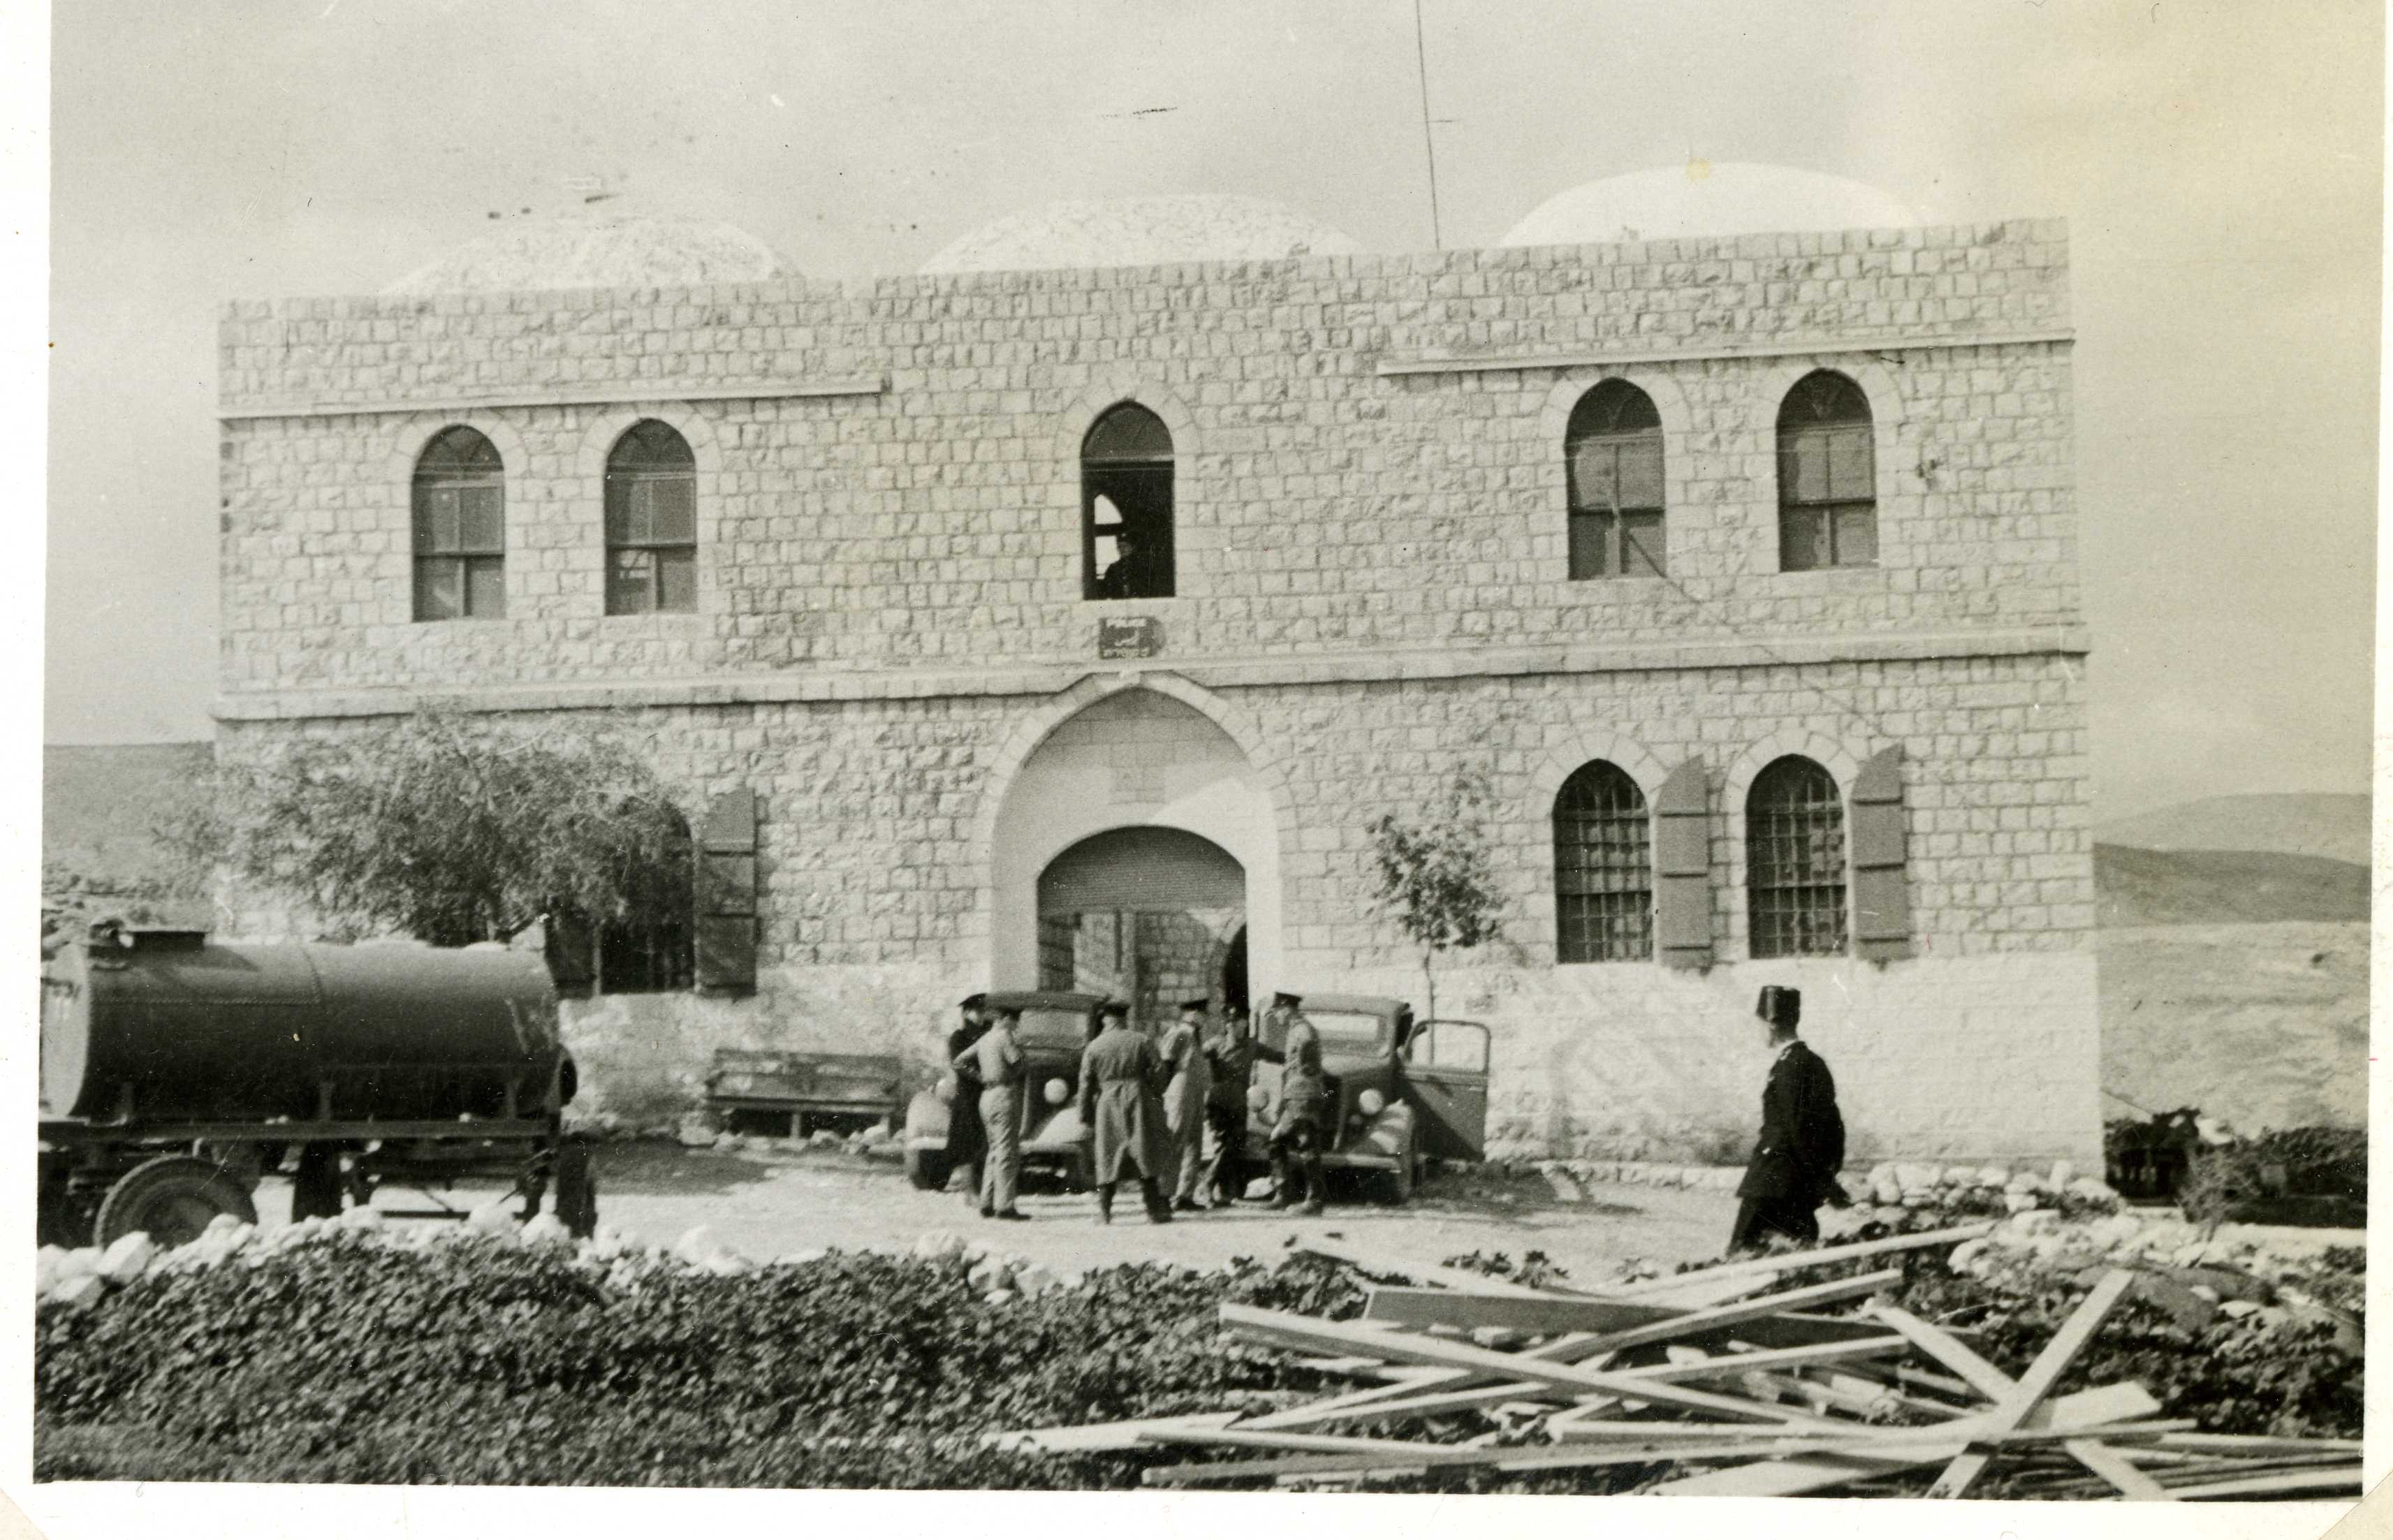 בית הממשל מהתקופה העות'מאנית - צילום: ארכיון המדינה